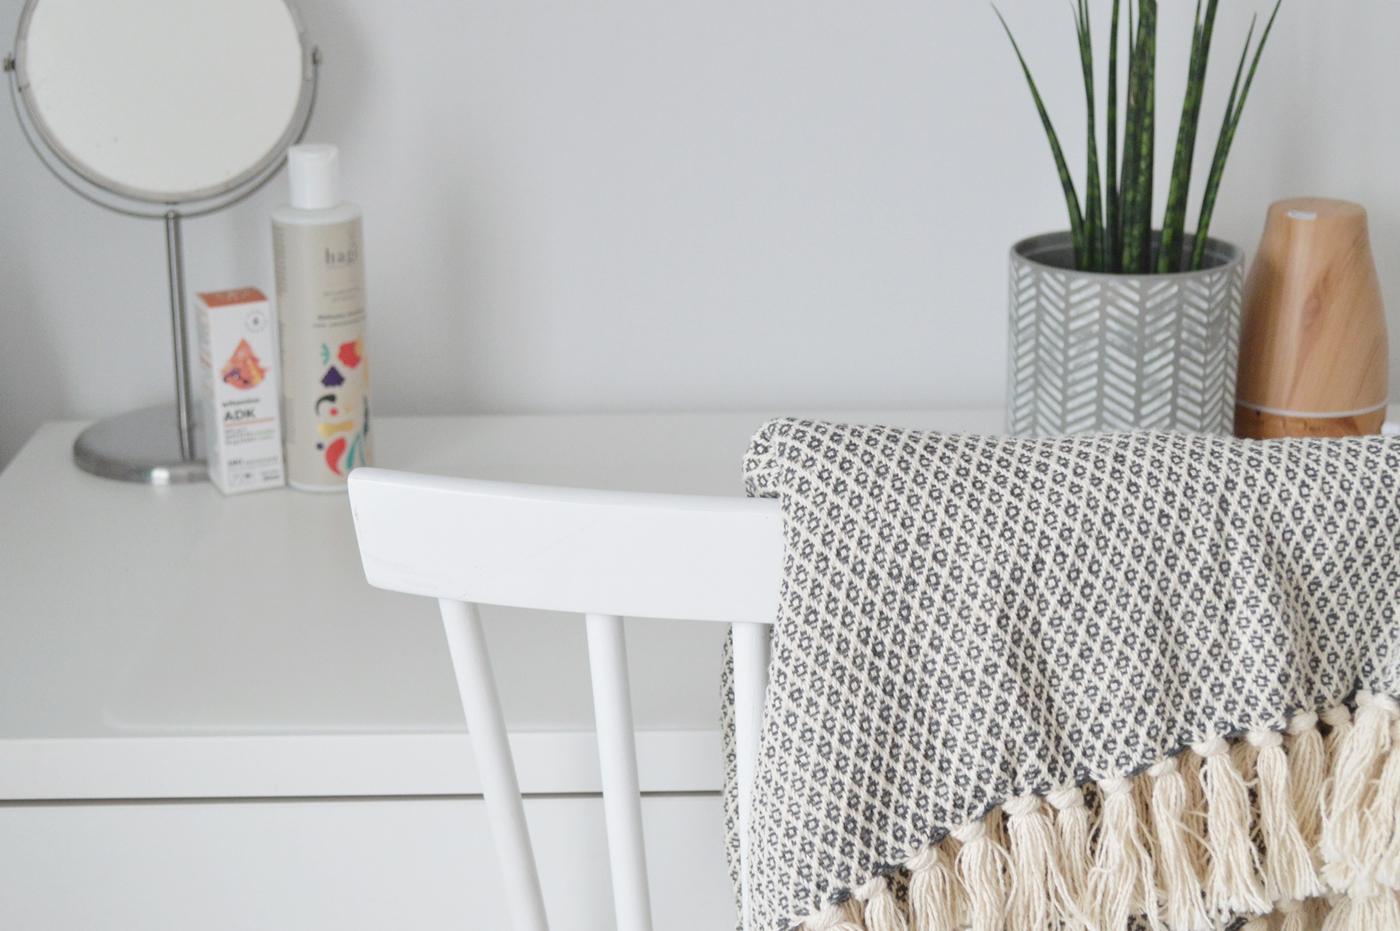 przegląd miesiąca minimalizm kosmetyki blog